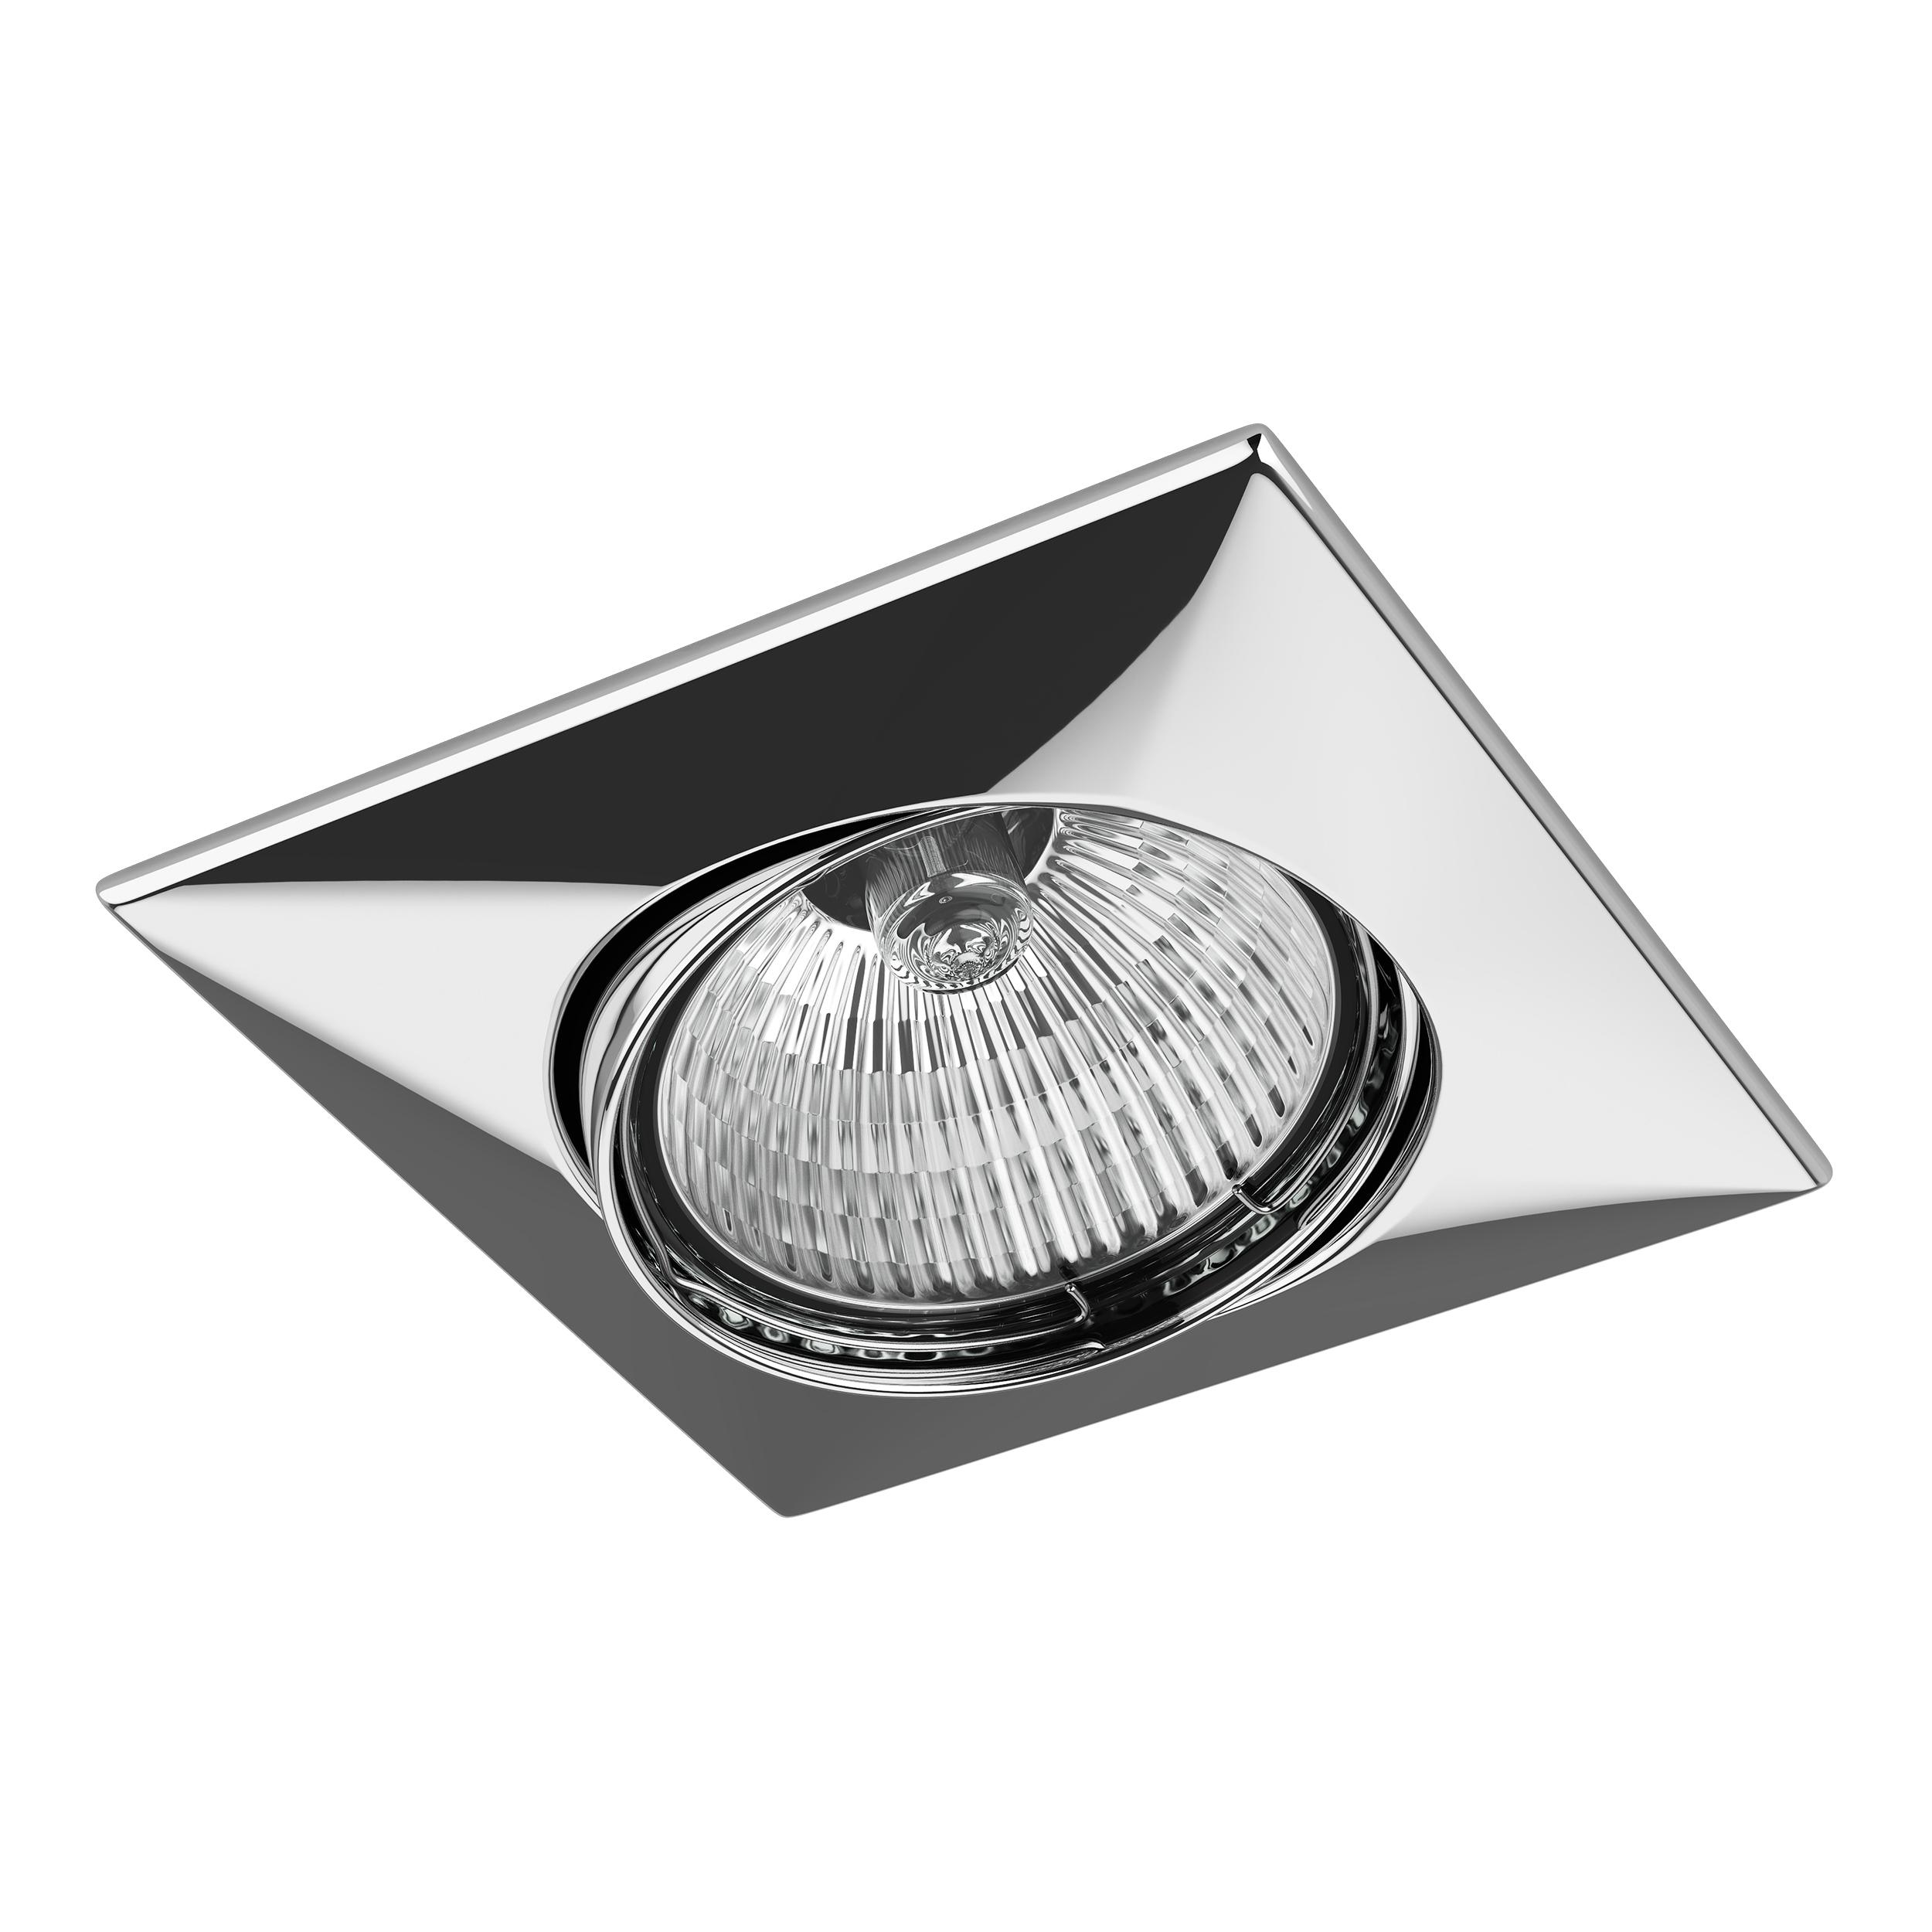 Встраиваемый светильник Lightstar Lega 16 011034, 1xGU5.3x50W, хром, металл - фото 1